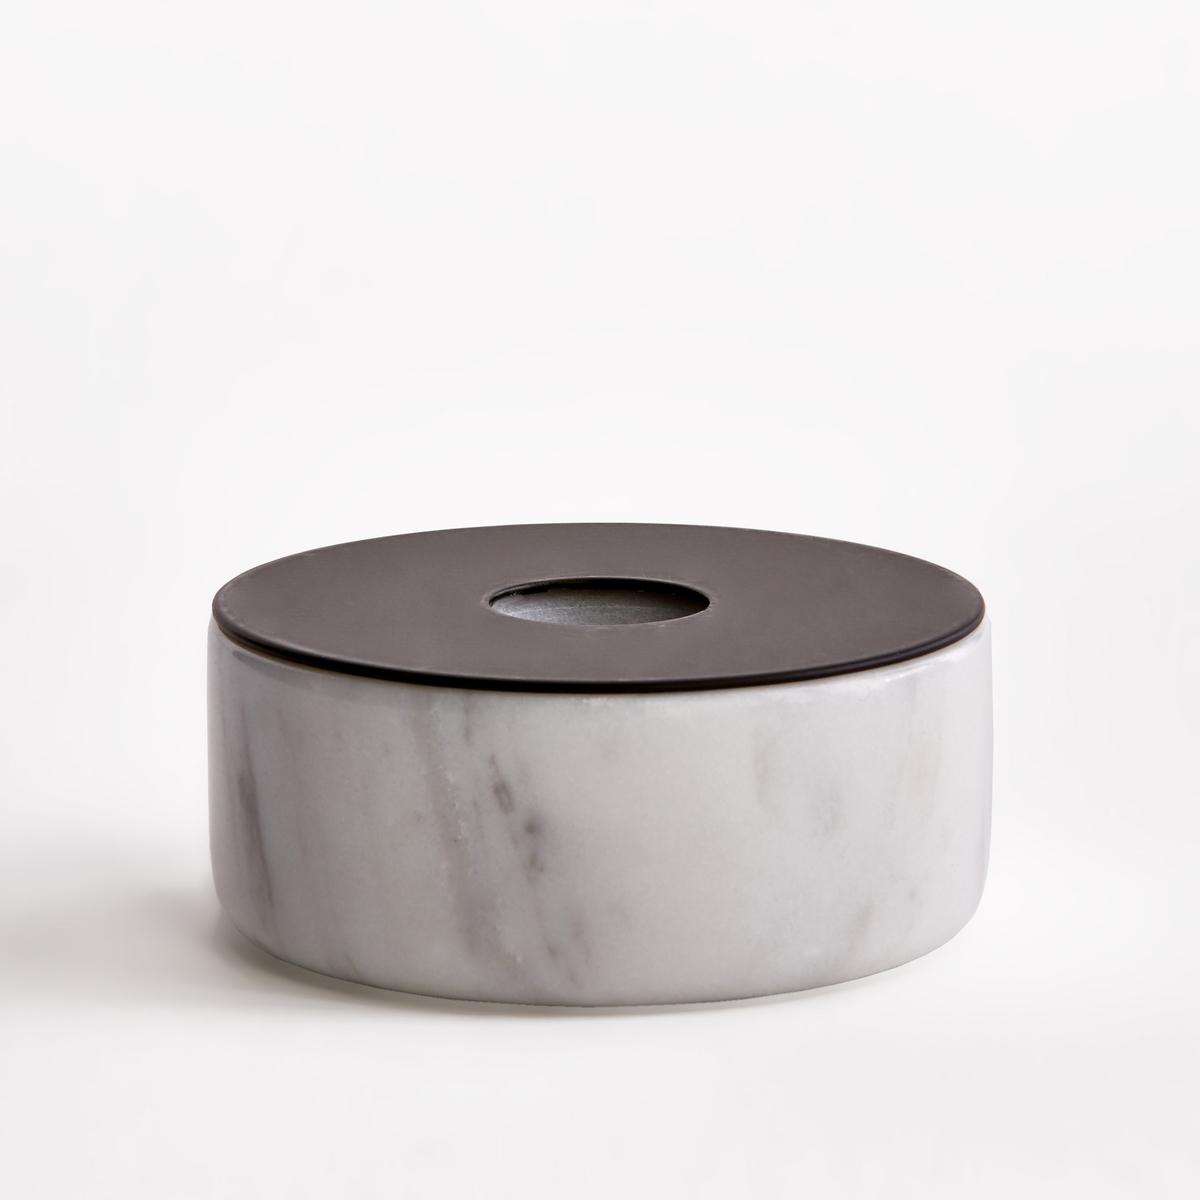 Подсвечник мраморный, размер 1, В.3,5 см, MalerbaПодсвечник Malerba. Из мрамора и металла черного цвета. Для свечи диаметром 2 см. Размеры  : диаметр 7,5 x высота 3,5 см.<br><br>Цвет: мраморный